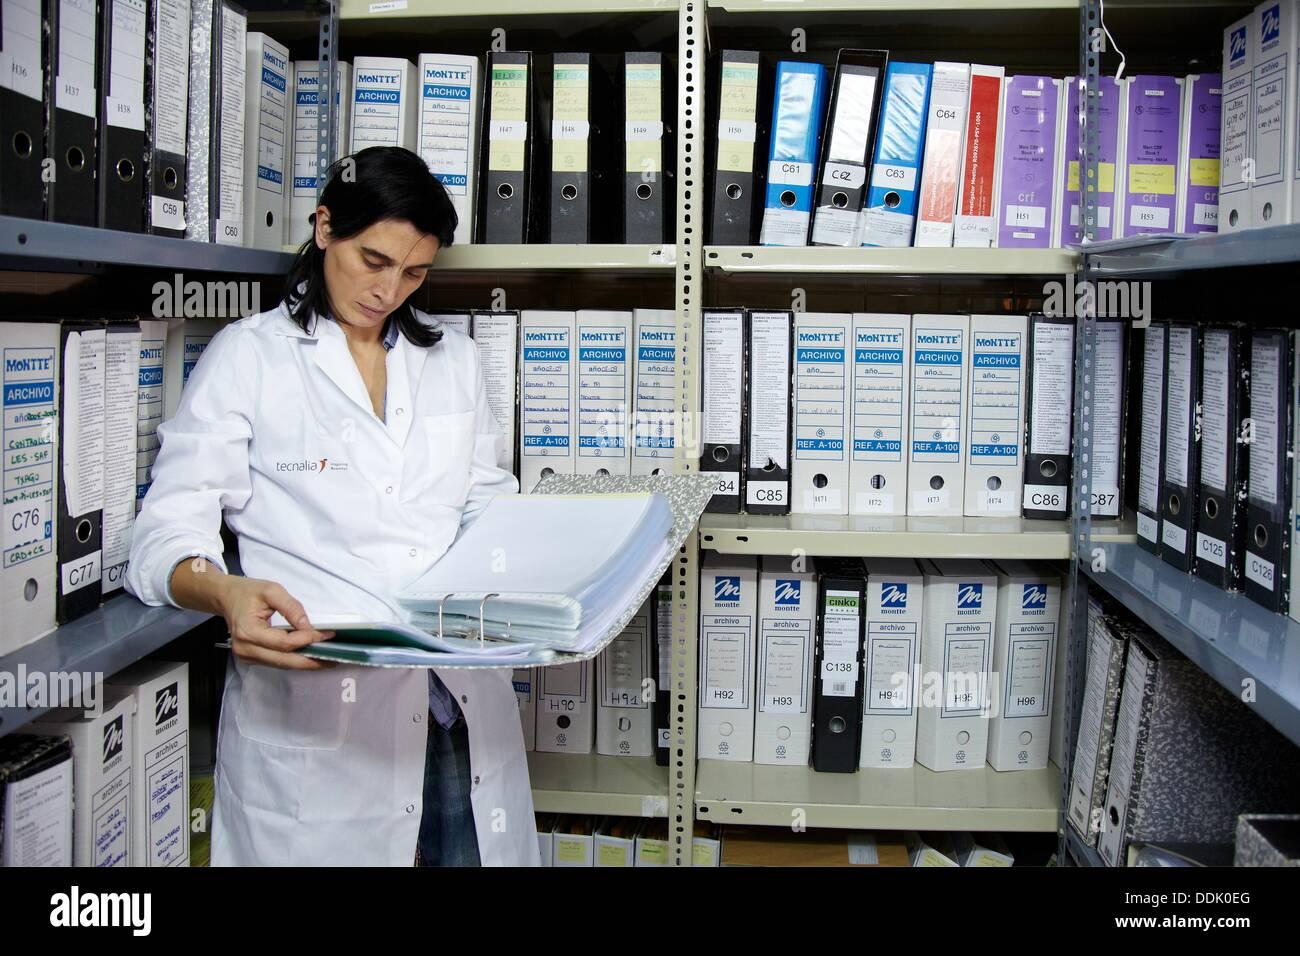 Datei Dokumentation von Studien abgeschlossen, Clinical Trials Unit Tests in Phase 1, die erste Drug Administration in den Menschen, Stockbild